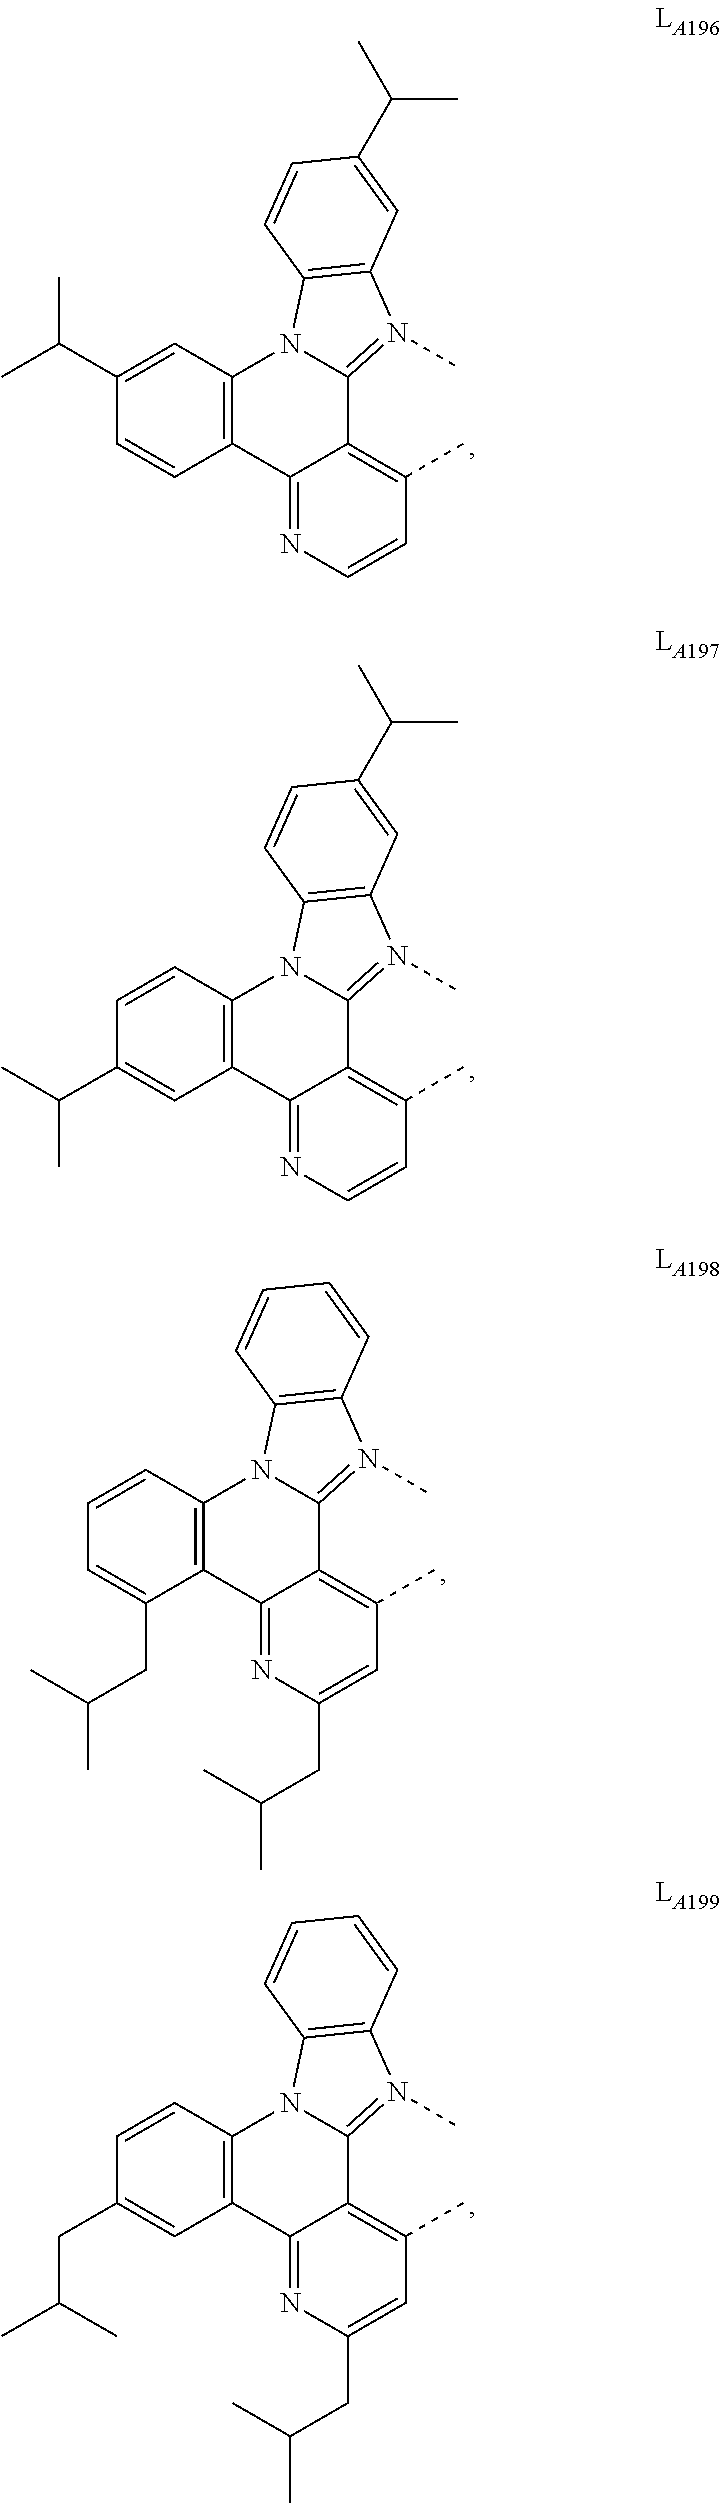 Figure US09905785-20180227-C00466